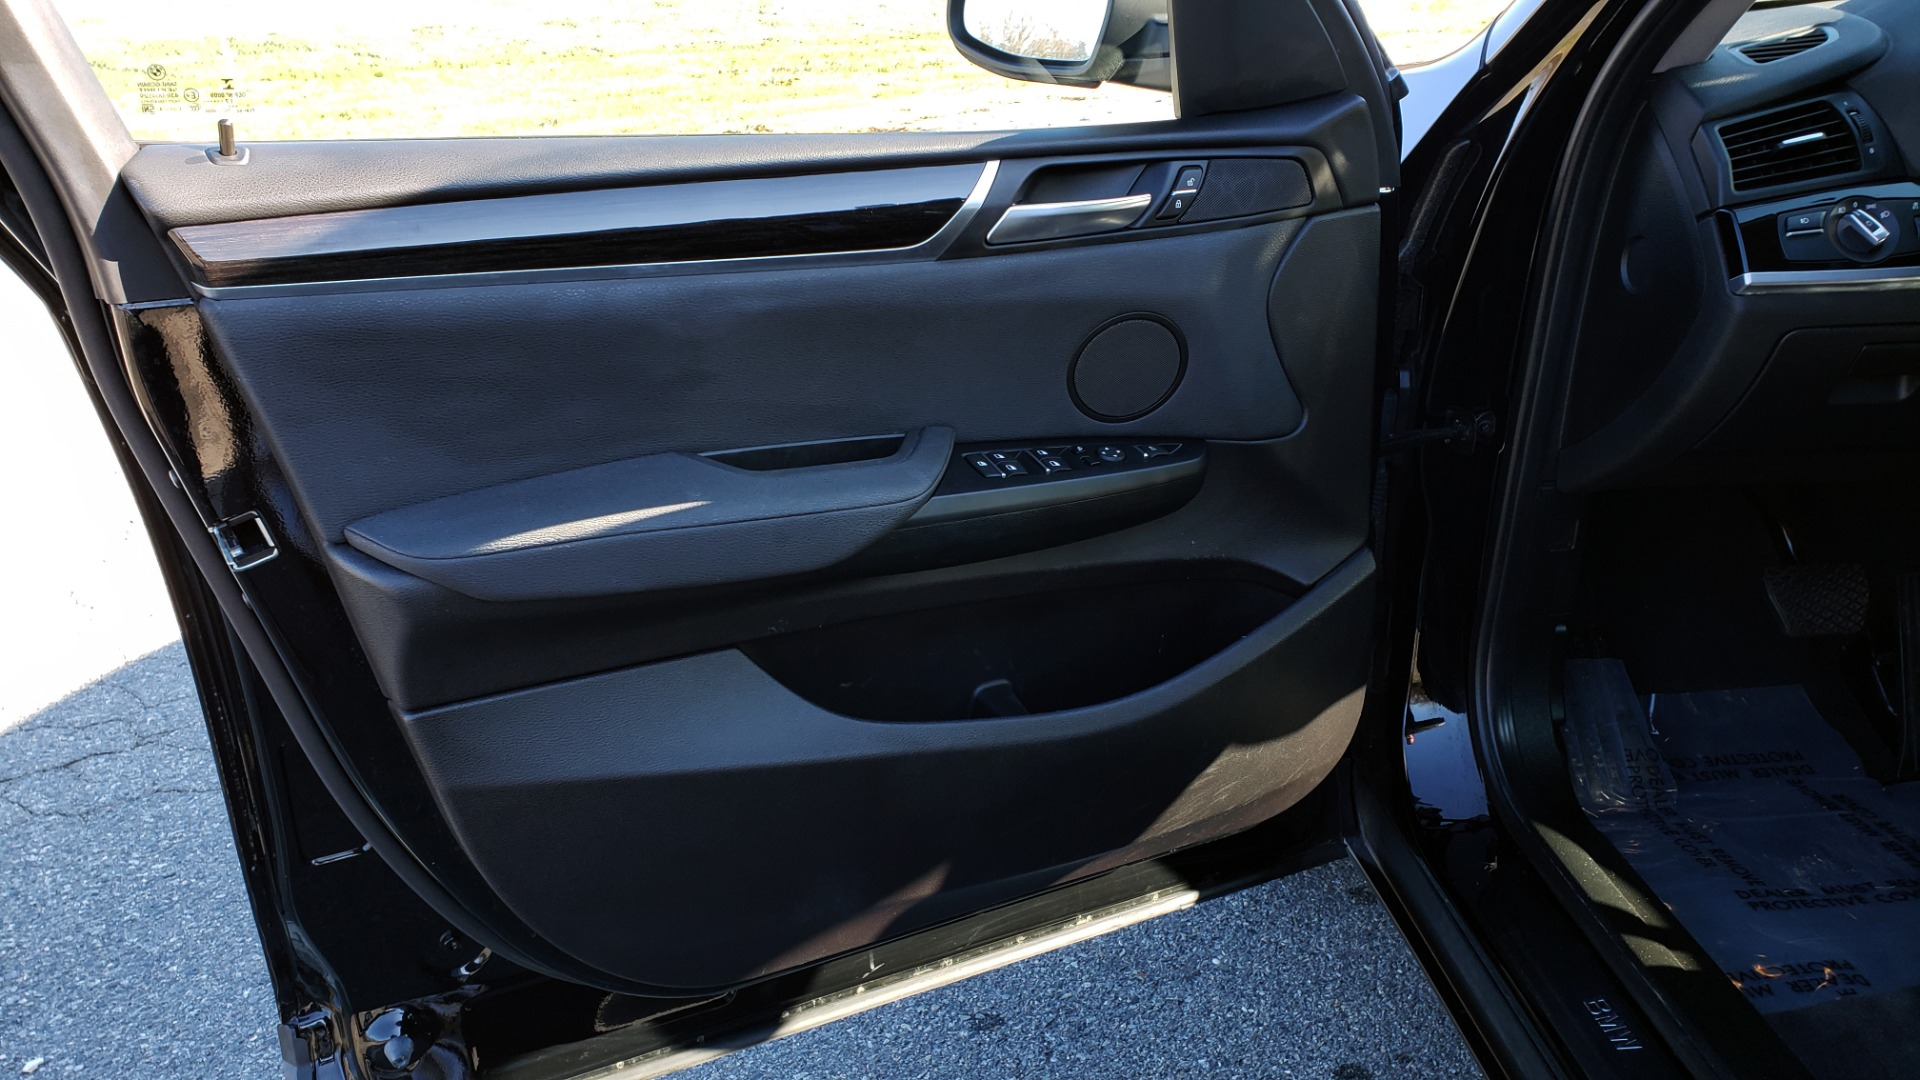 Used 2017 BMW X3 XDRIVE28I / PREM PKG / NAV / DRVR ASST / HTD STS / CAMERAS for sale Sold at Formula Imports in Charlotte NC 28227 38